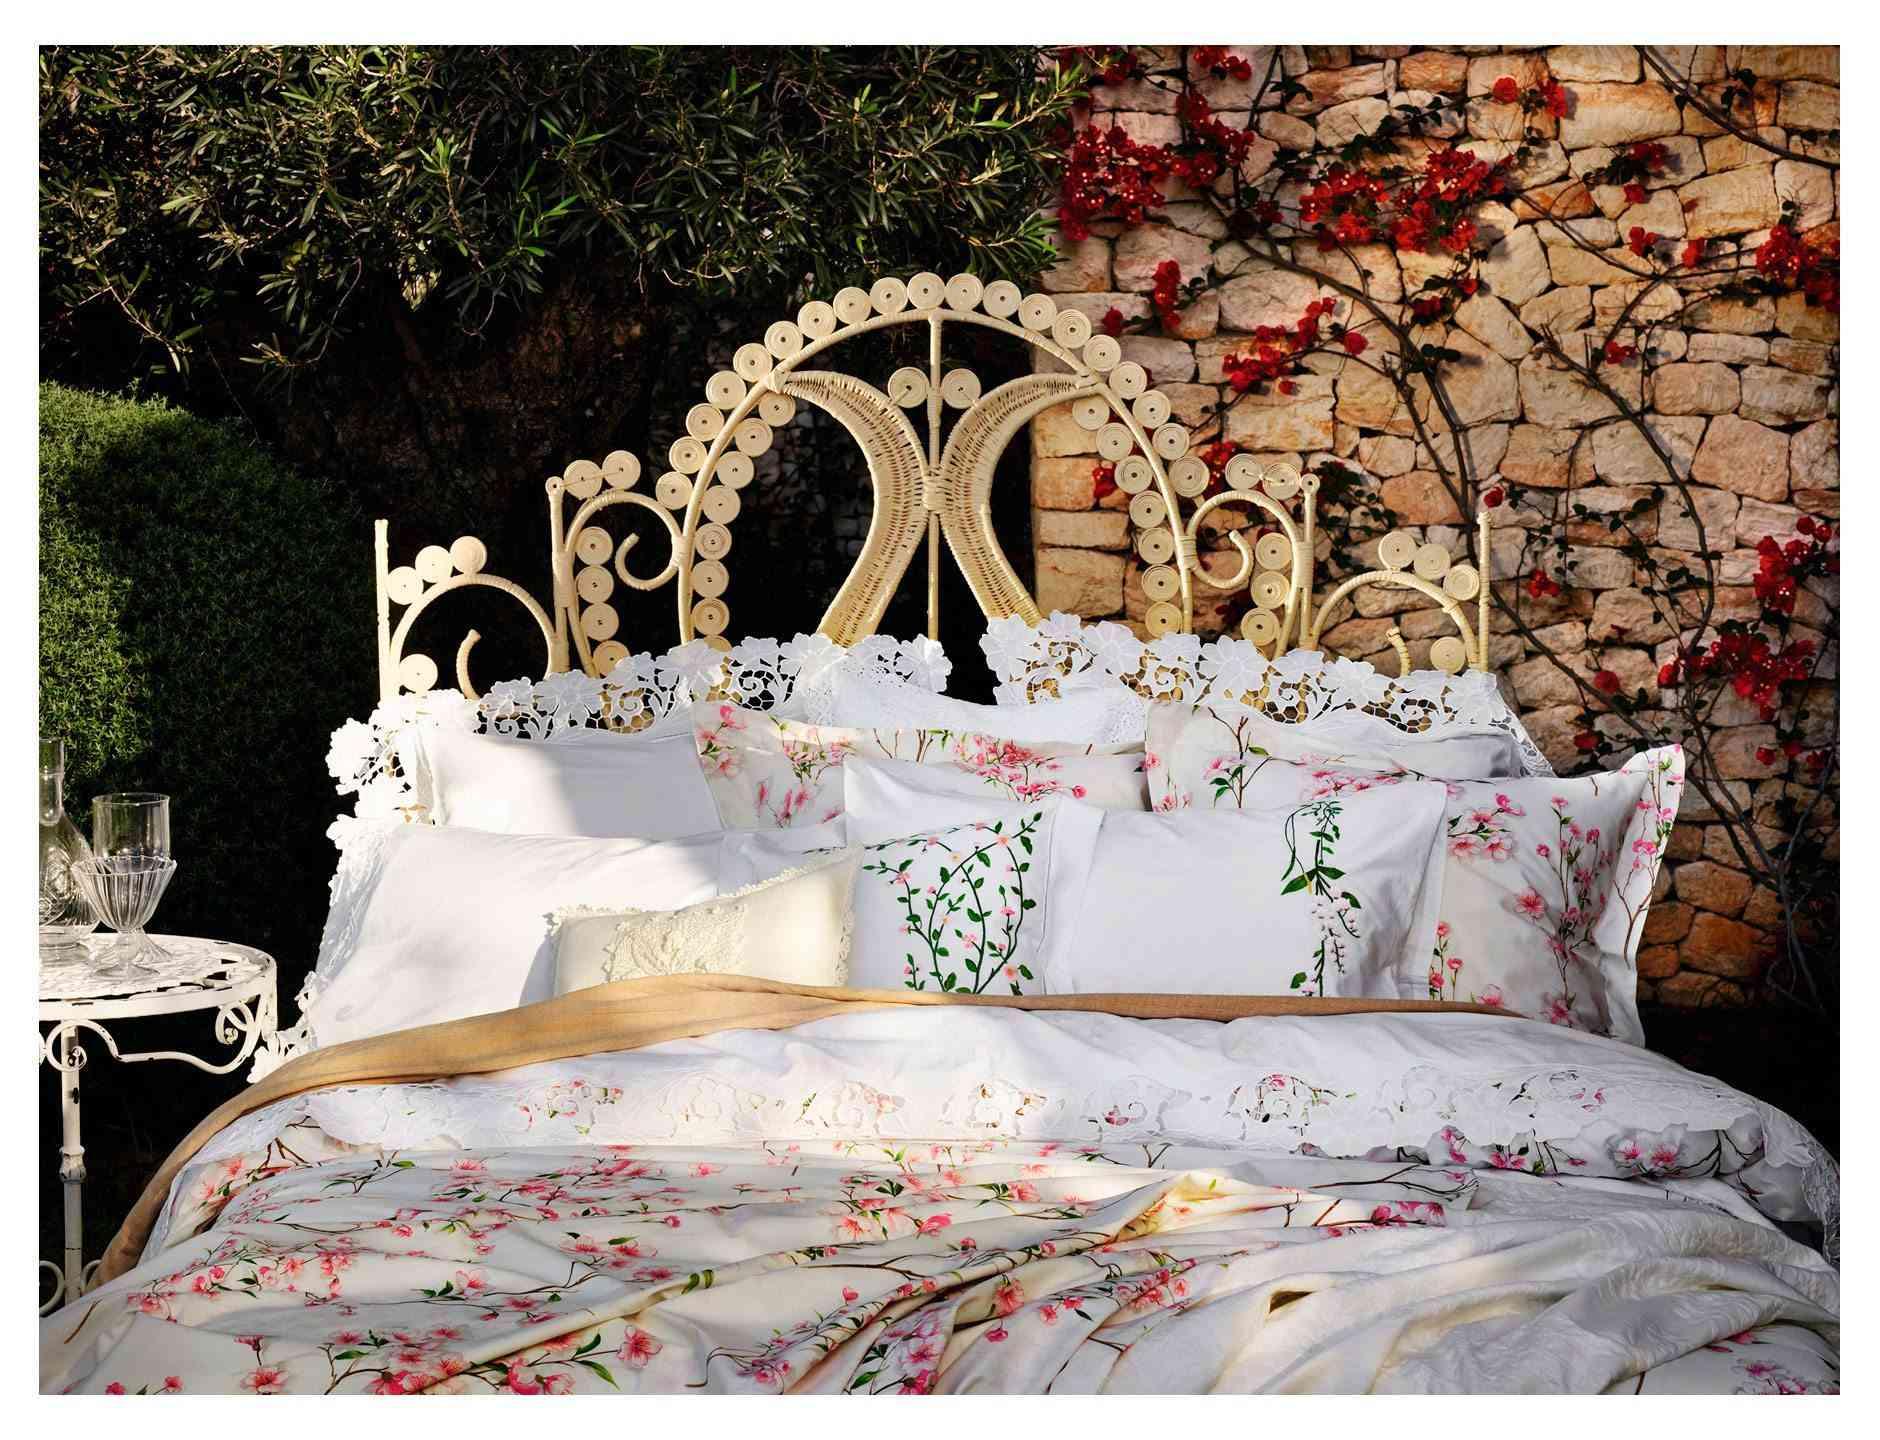 cama con textil floral - Zara Home